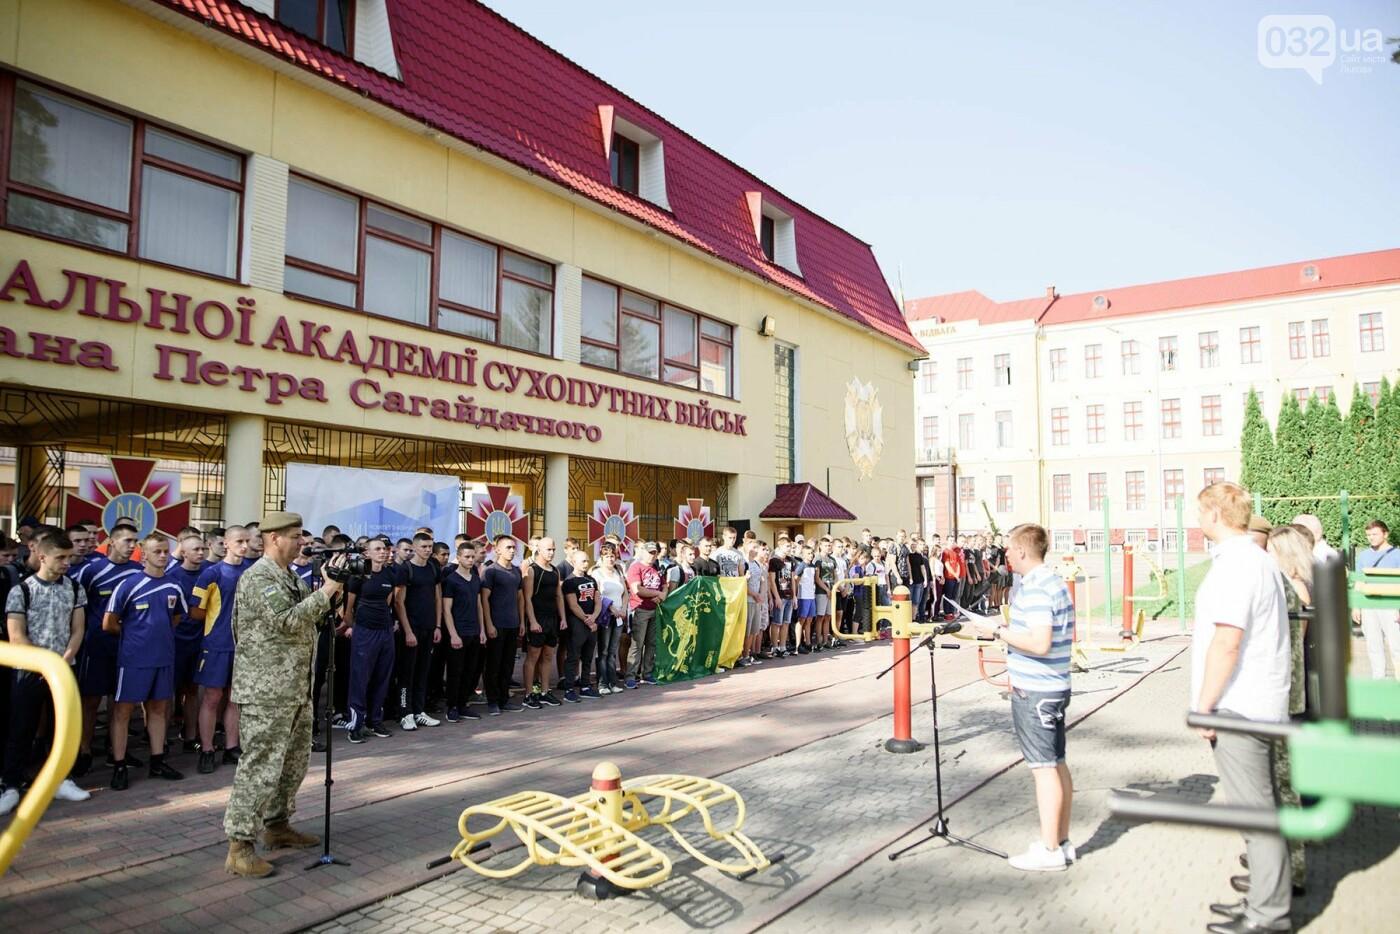 240 студентів Львівщини одночасно підтягнулися на турніках, фото-10